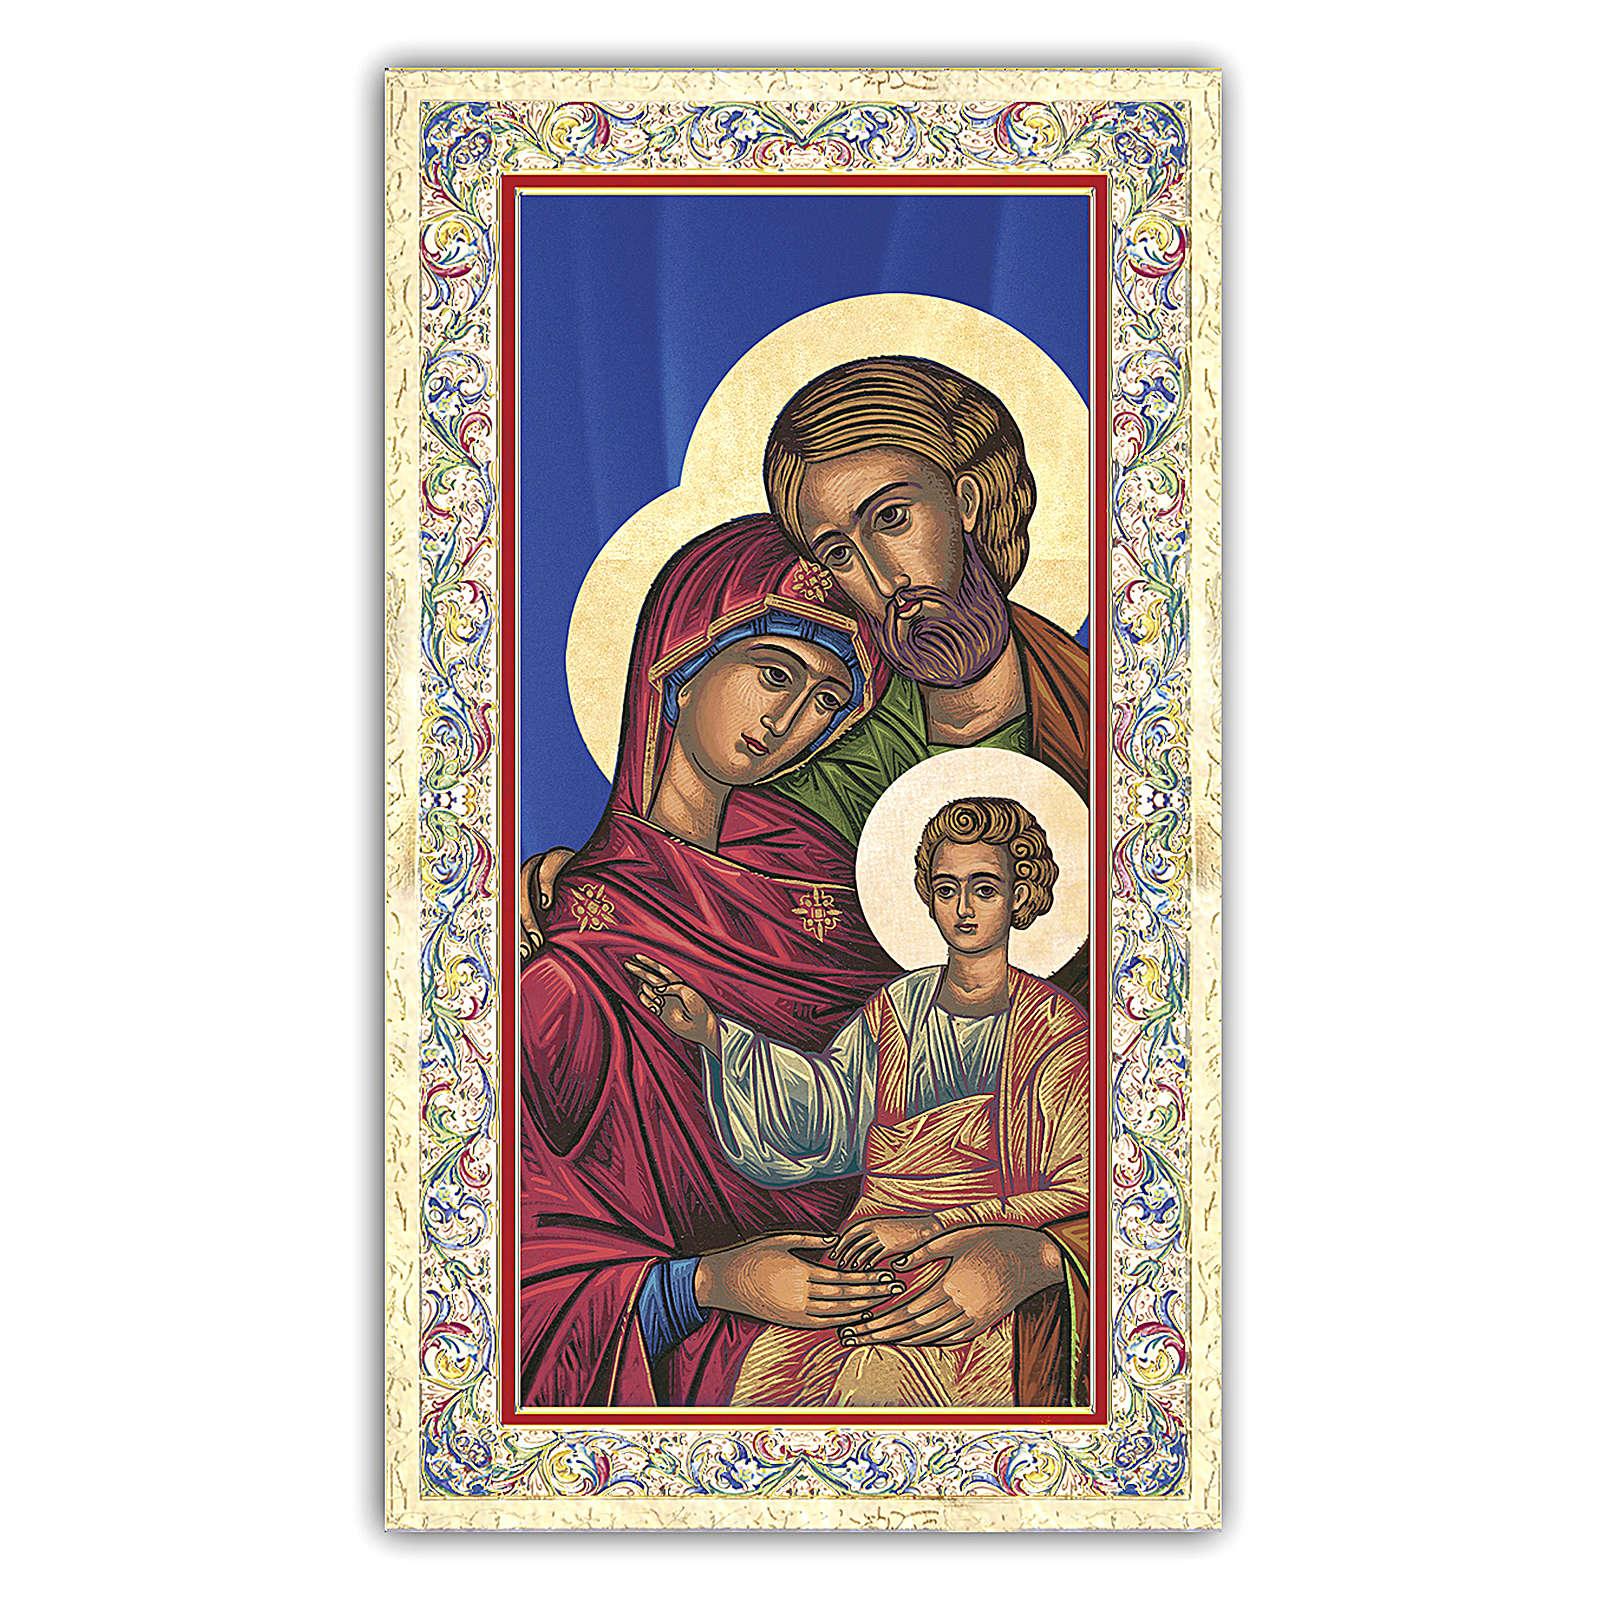 Estampa religiosa Icono de la Sagrada Familia 10x5 cm ITA 4